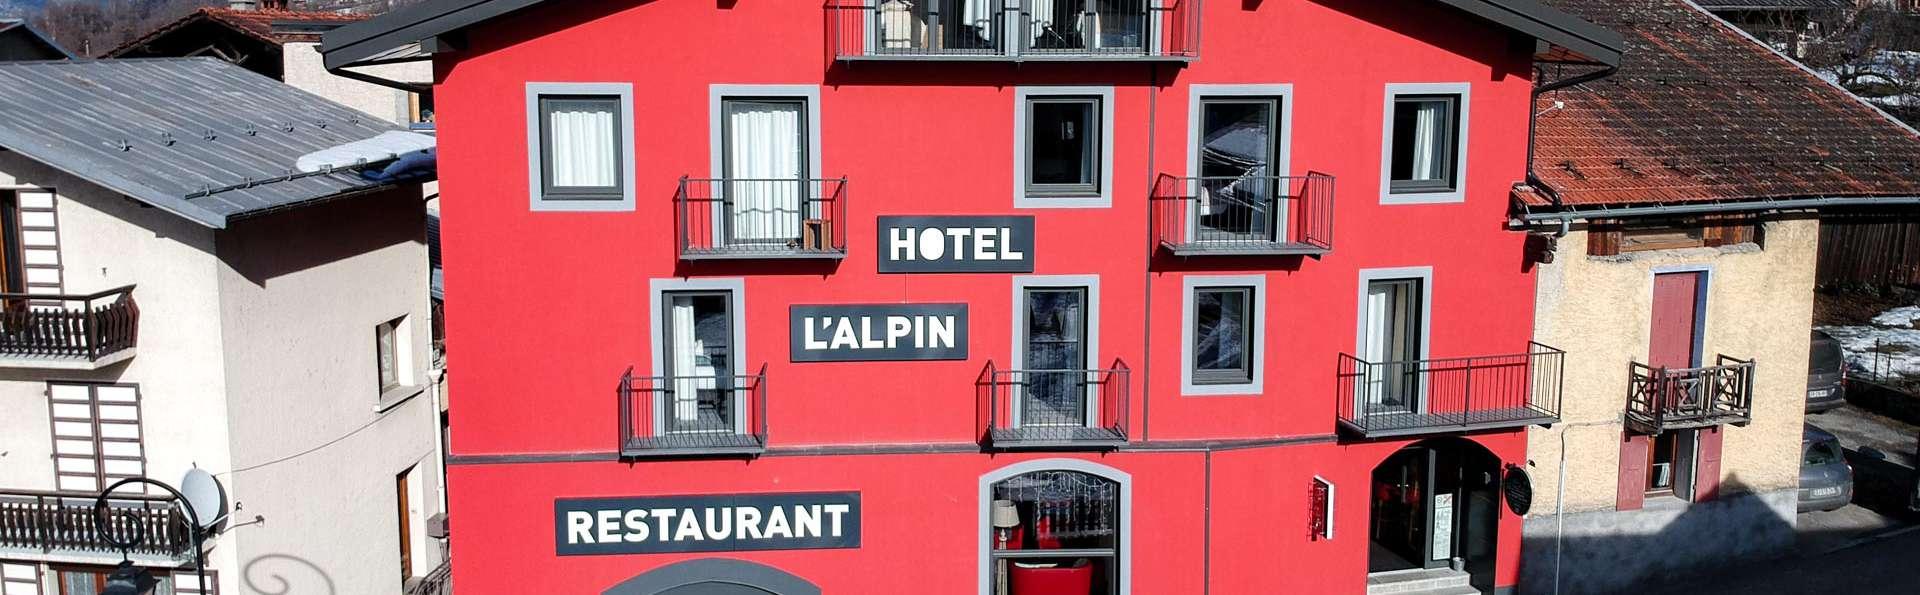 Hôtel L'Alpin - EDIT_FRONT_02.jpg